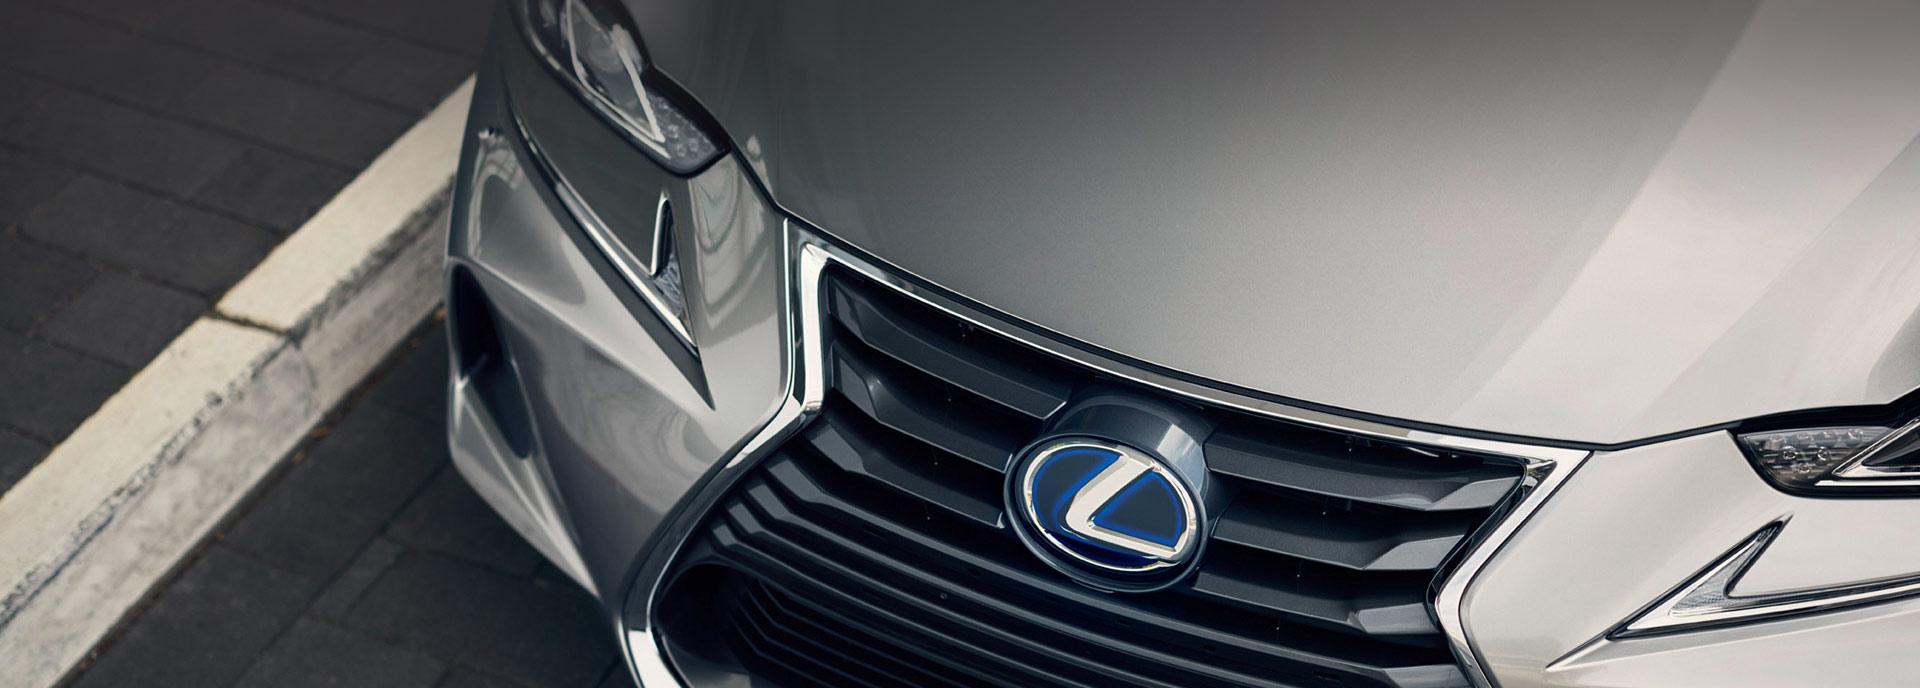 De koplamp van een grijze Lexus IS 300h